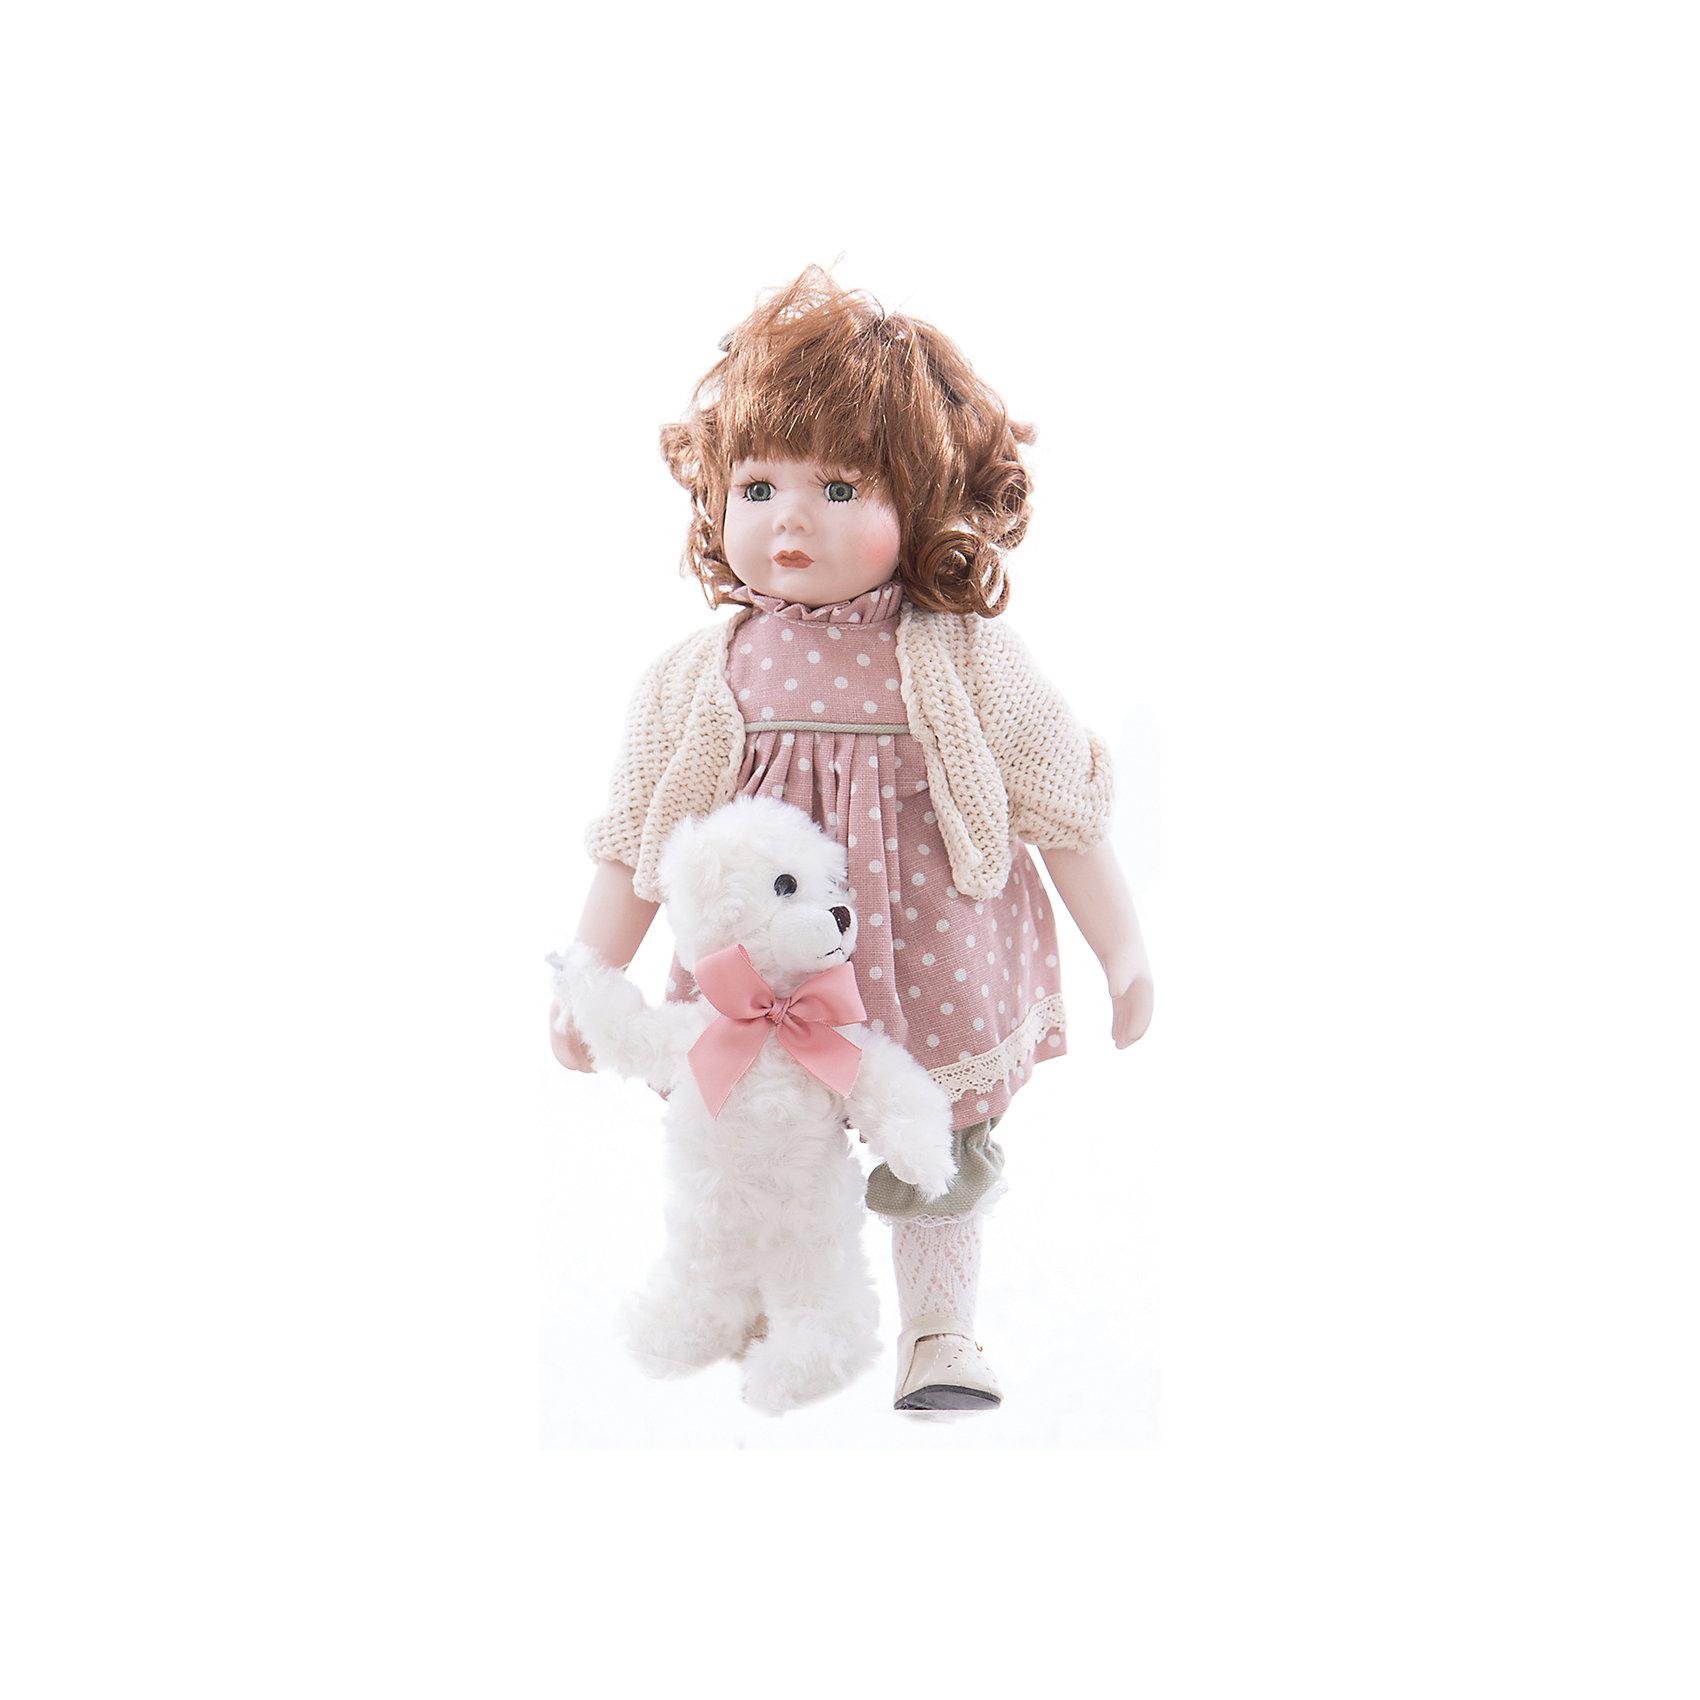 Интерьерная кукла Девочка с мишкой C21-148612, EstroПредметы интерьера<br>Характеристики интерьерной куклы:<br><br>- габариты предмета: 15 *35 * 9.5 см<br>- персонаж: девочка, медведь<br>- вид упаковки: коробка<br>- возрастные ограничения: 3+<br>- состав: дерево, полиэстер, текстиль, полиэфир<br>- комплектация: игрушка - 2 шт.<br>- страна бренда: Италия<br>- страна производитель: Китай<br><br>Интерьерная кукла девочка в розовом платье с каштановыми волосами с белым мишкой изготовлена из лучших материалов приятных цветов. Дизайн куклы тщательно выверен. Все части аккуратно подогнаны и отлично смотрятся друг с другом. Выбранная модель станет хорошим приобретением для себя или подарком близкой подруге. Куклы торговой марки Estro с легкостью дополнят любой интерьер.<br><br>Интерьерную куклу девочка с медвежонком итальянской торговой марки Estro можно купить в нашем интернет-магазине.<br><br>Ширина мм: 150<br>Глубина мм: 150<br>Высота мм: 350<br>Вес г: 733<br>Возраст от месяцев: 36<br>Возраст до месяцев: 1188<br>Пол: Женский<br>Возраст: Детский<br>SKU: 5356608